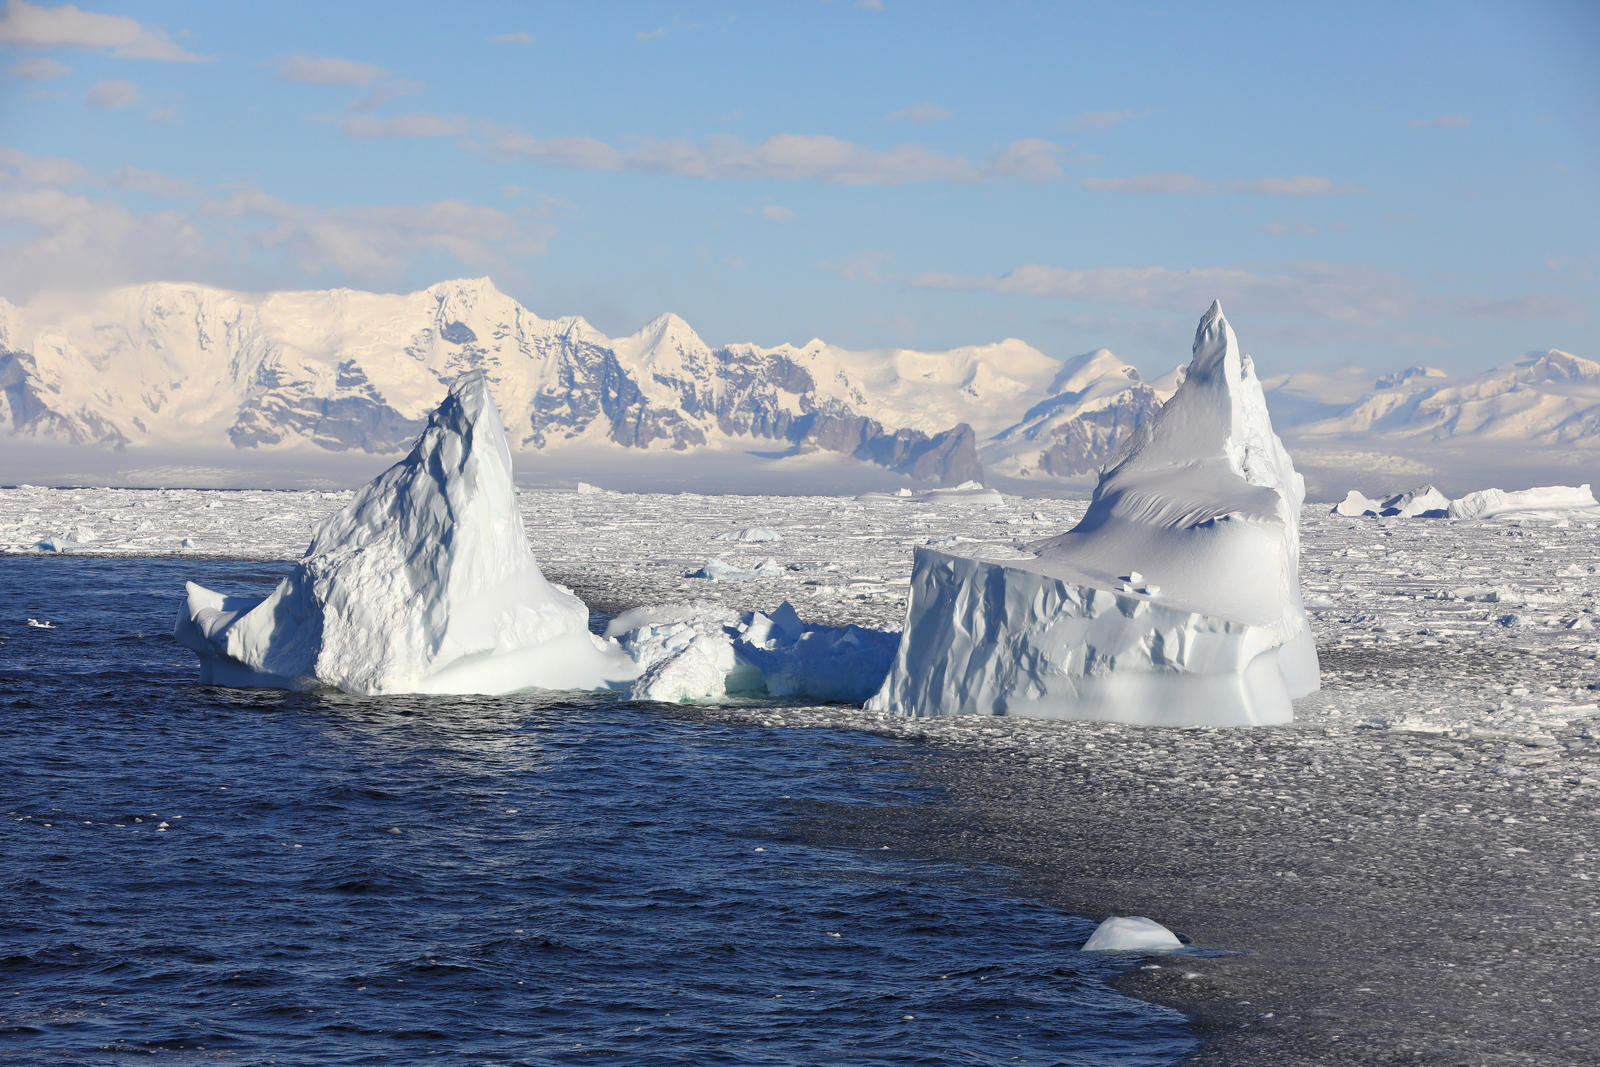 1702_Antarctique_02932_c_sm.jpg